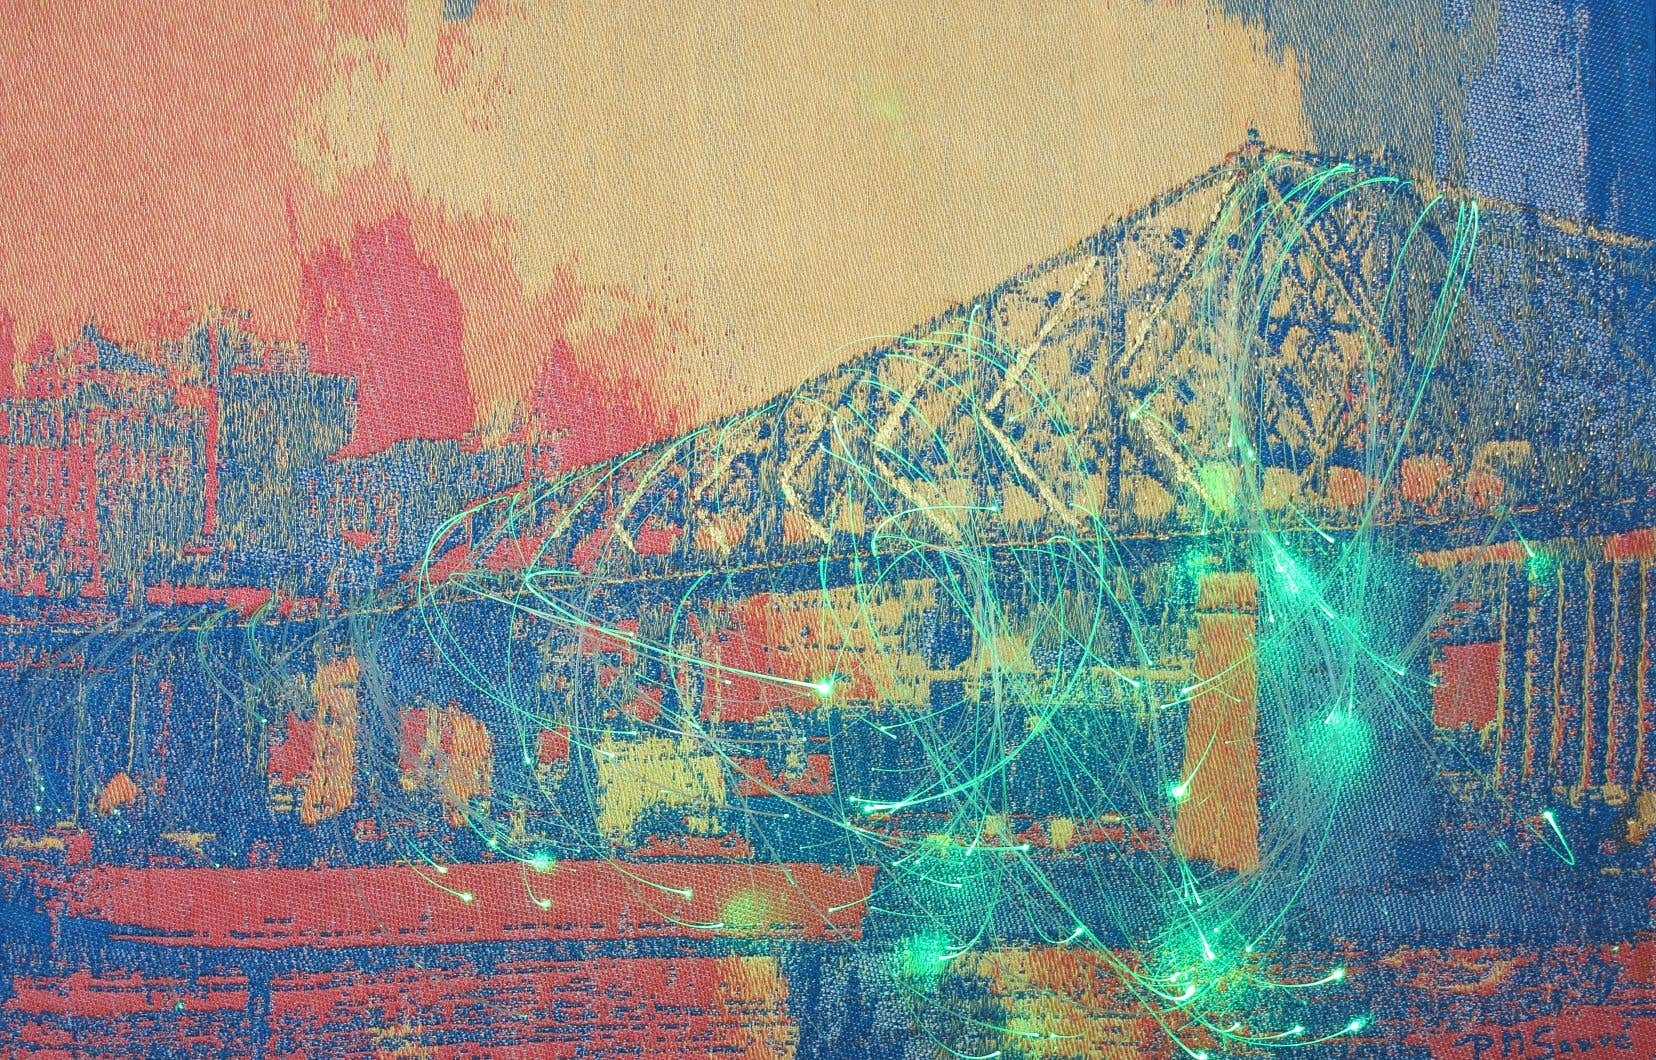 Exposée au Musée des métiers d'art du Québec jusqu'au 20 juin, l'œuvre interactive Pont Jacques-Cartier change de couleur en fonction du bruit.